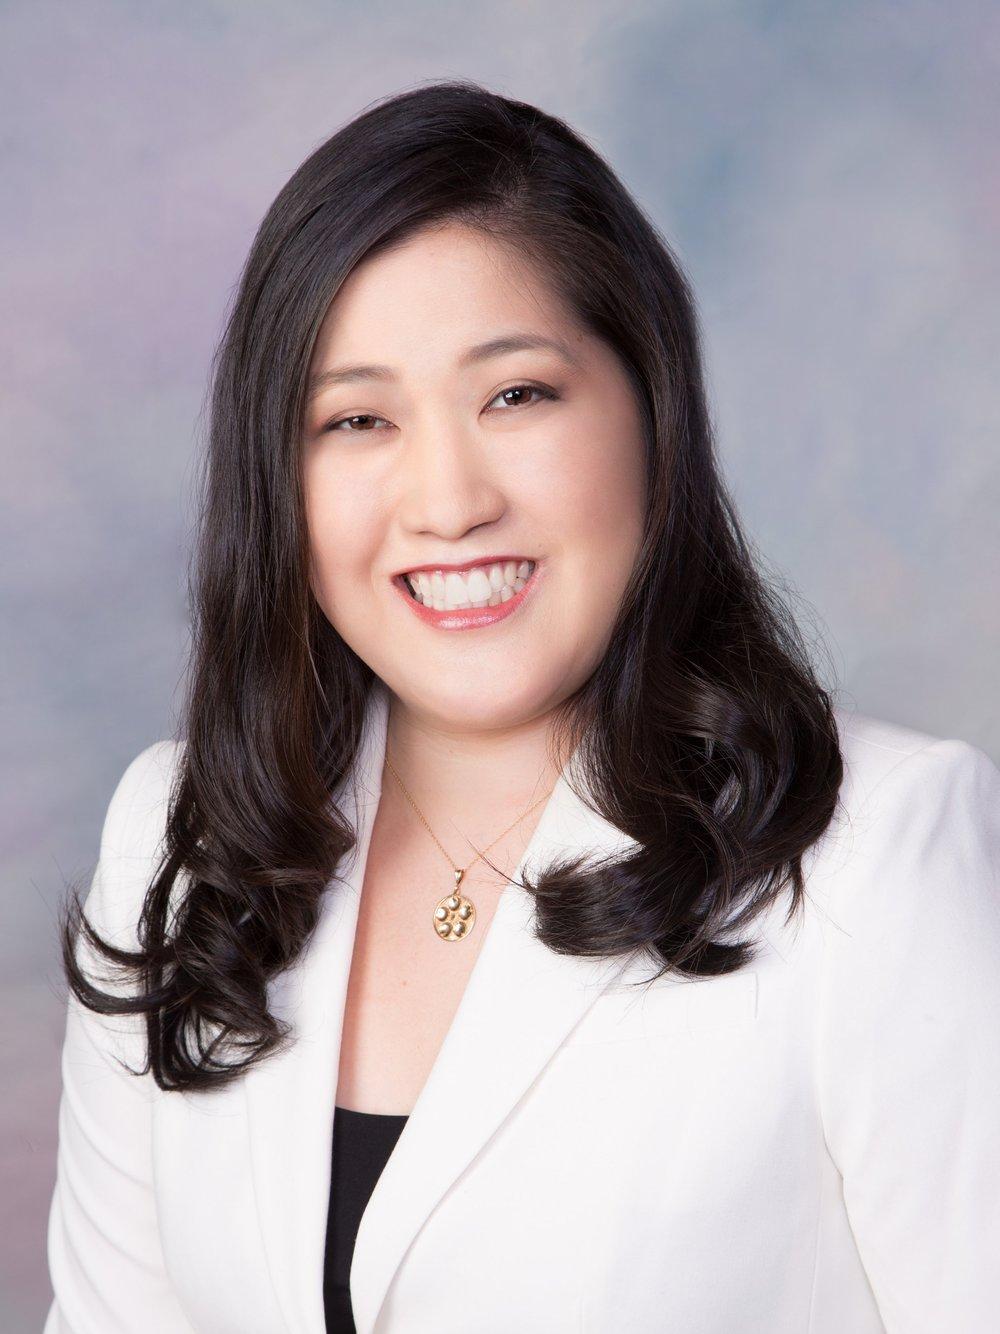 Lori Kim